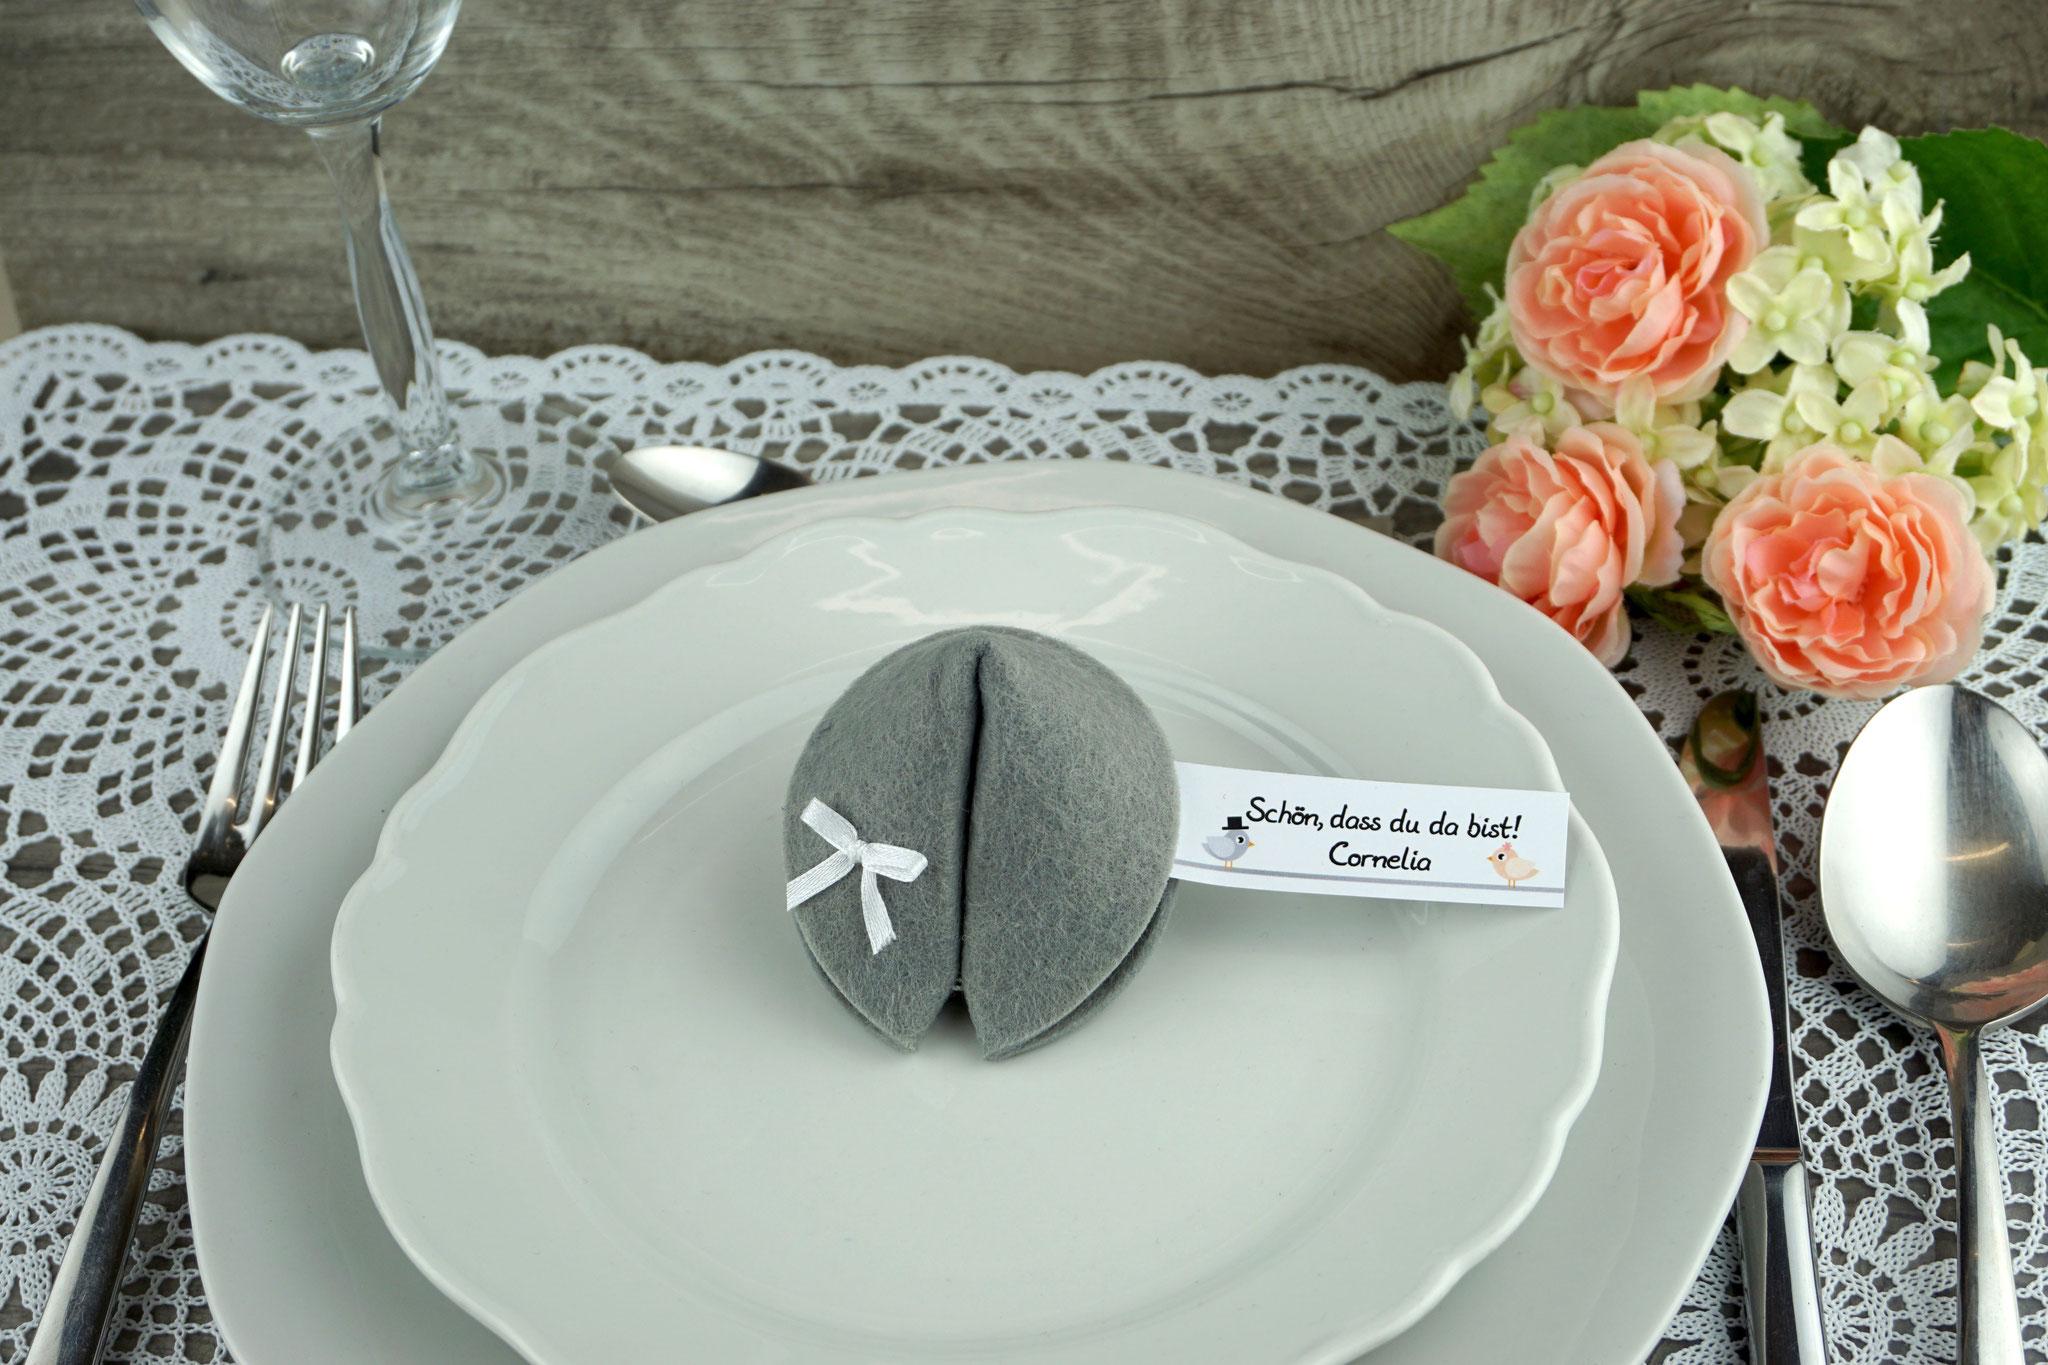 Filzkeks klein 6,2 cm, Grau, Fähnchen Hochzeitsvögel